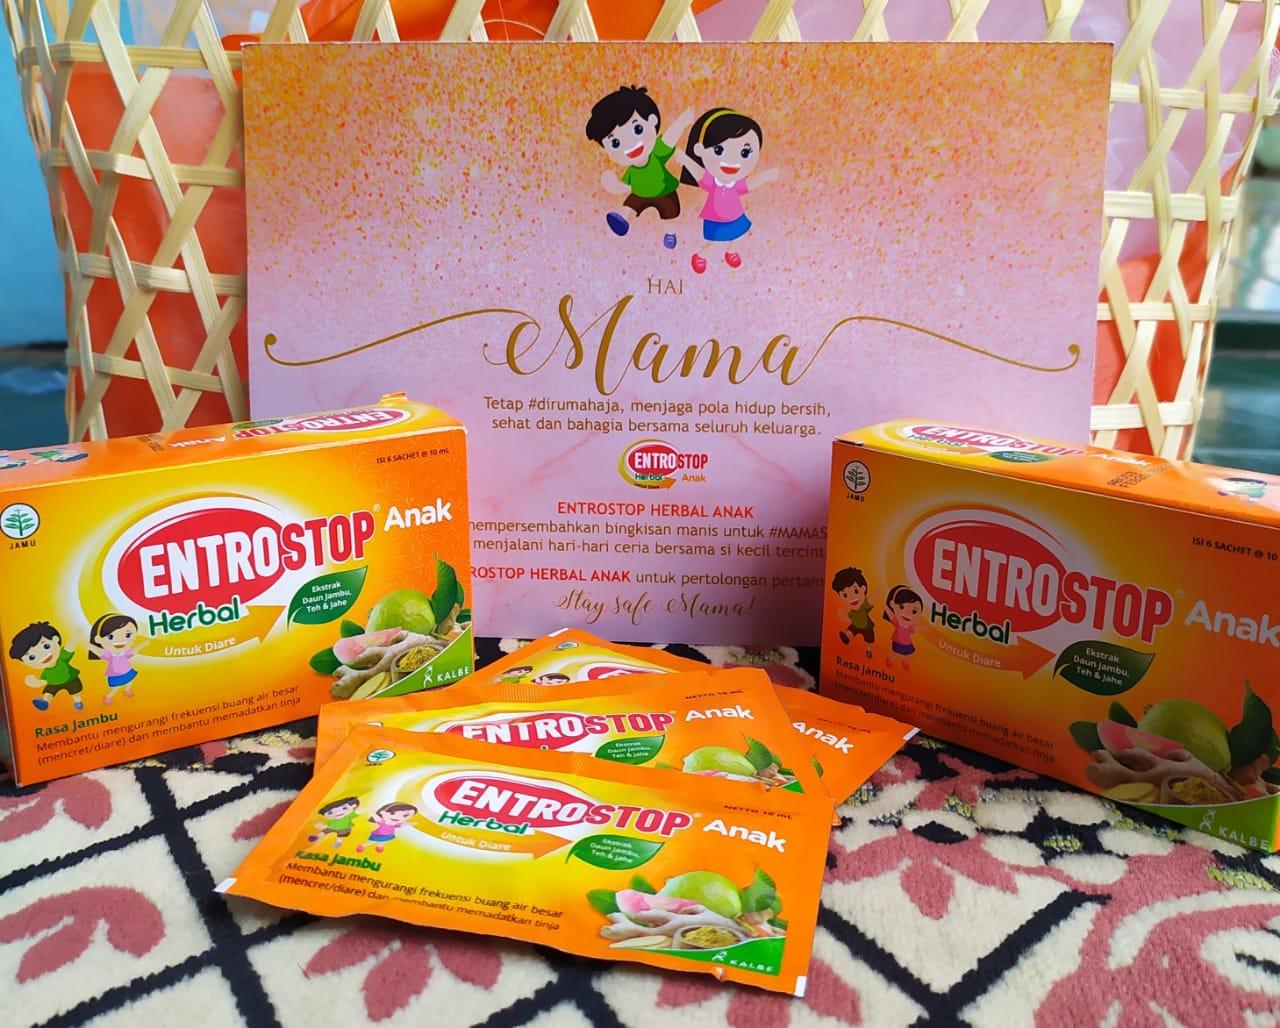 Mama siap hadapi masalah diare anak dengan Entrostop Herbal Anak